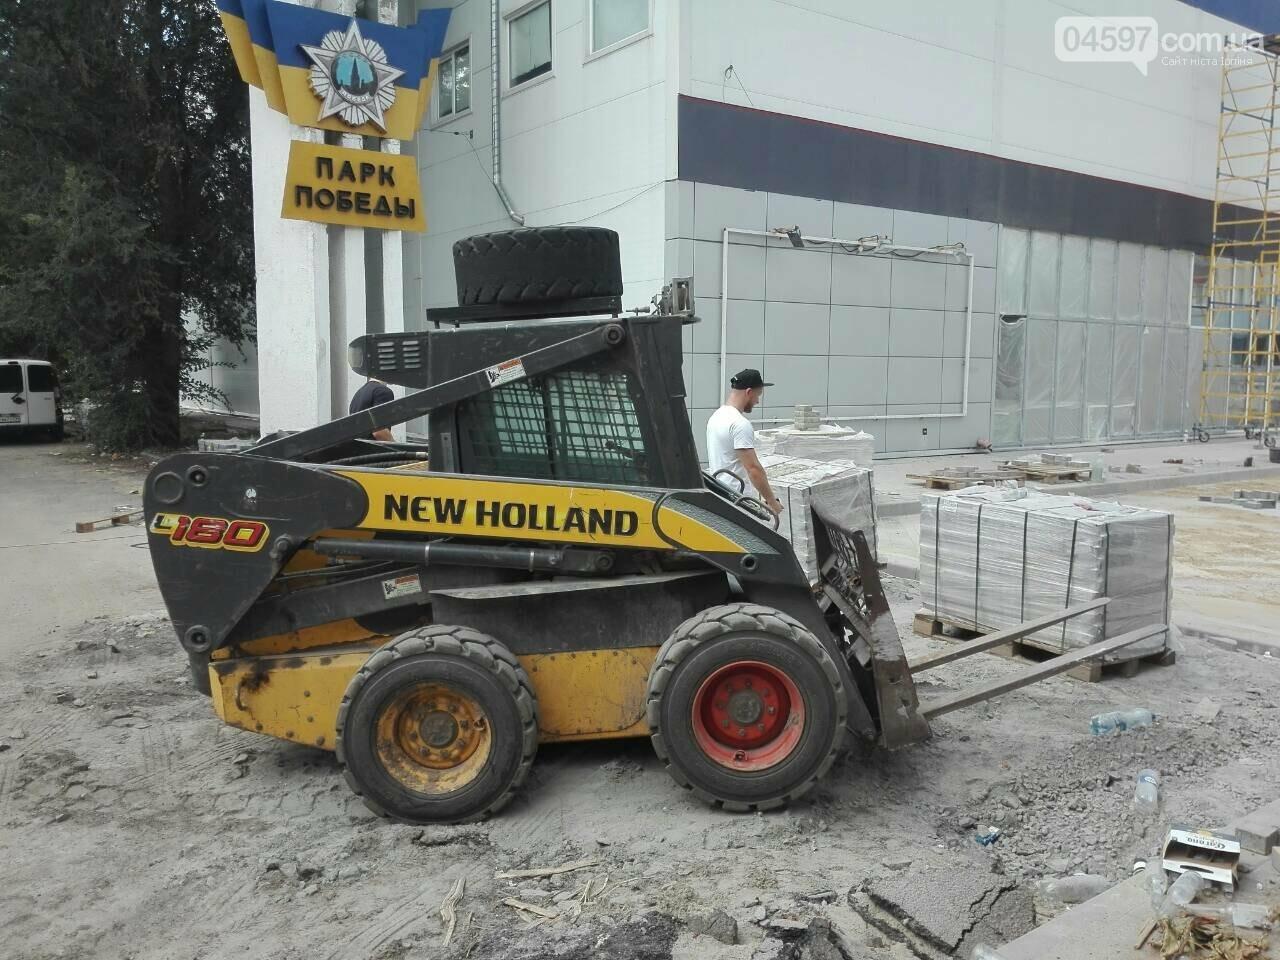 Еко-маркет та Дім доргівлі змінють фасад (Фотозвіт), фото-6